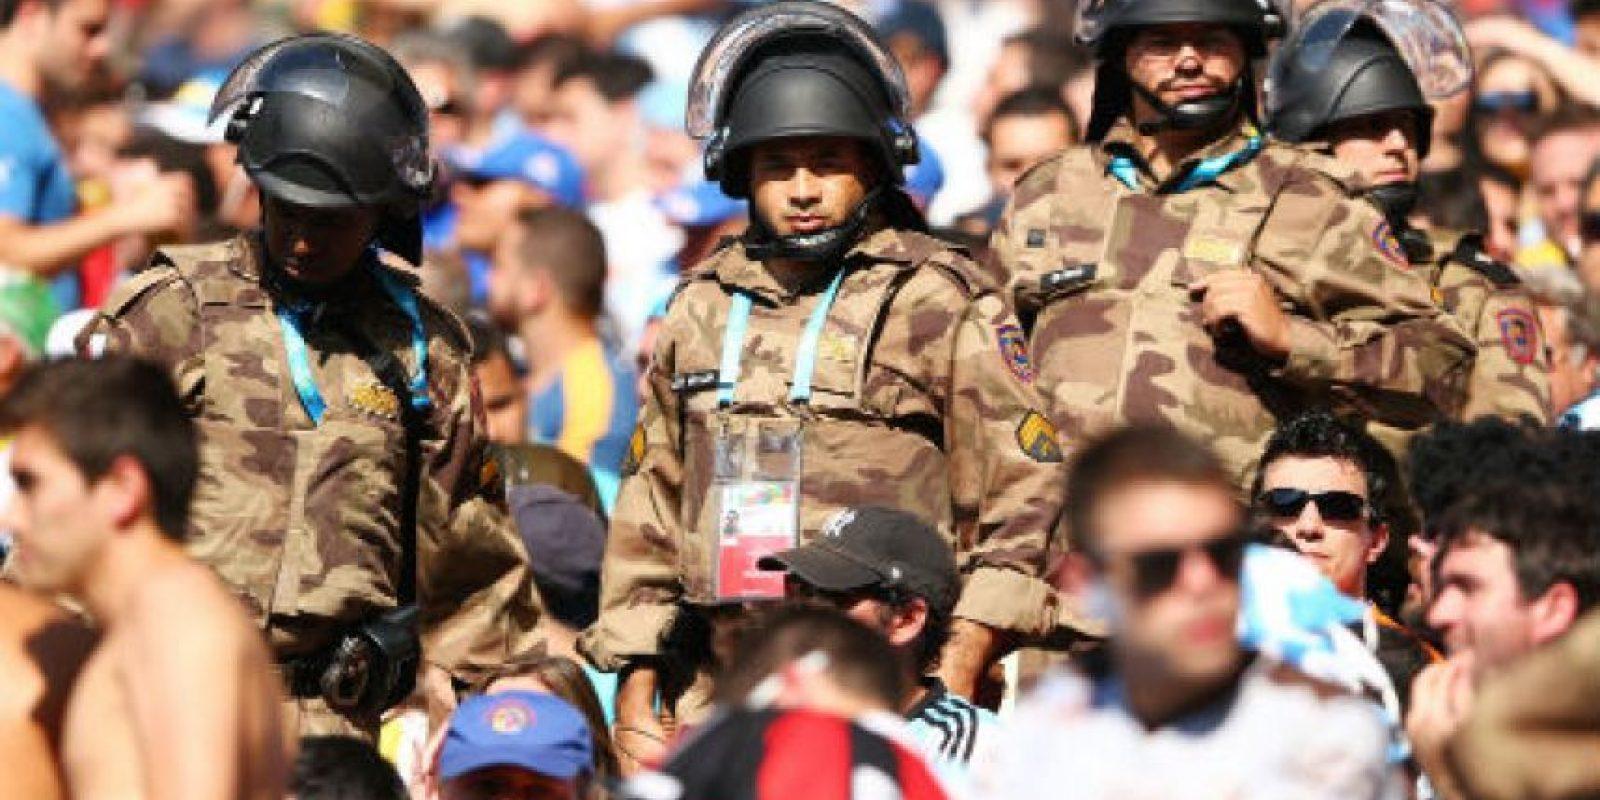 Se ha destacado en las misiones de paz en el marco de las Naciones Unidas. Foto:Getty Images. Imagen Por: